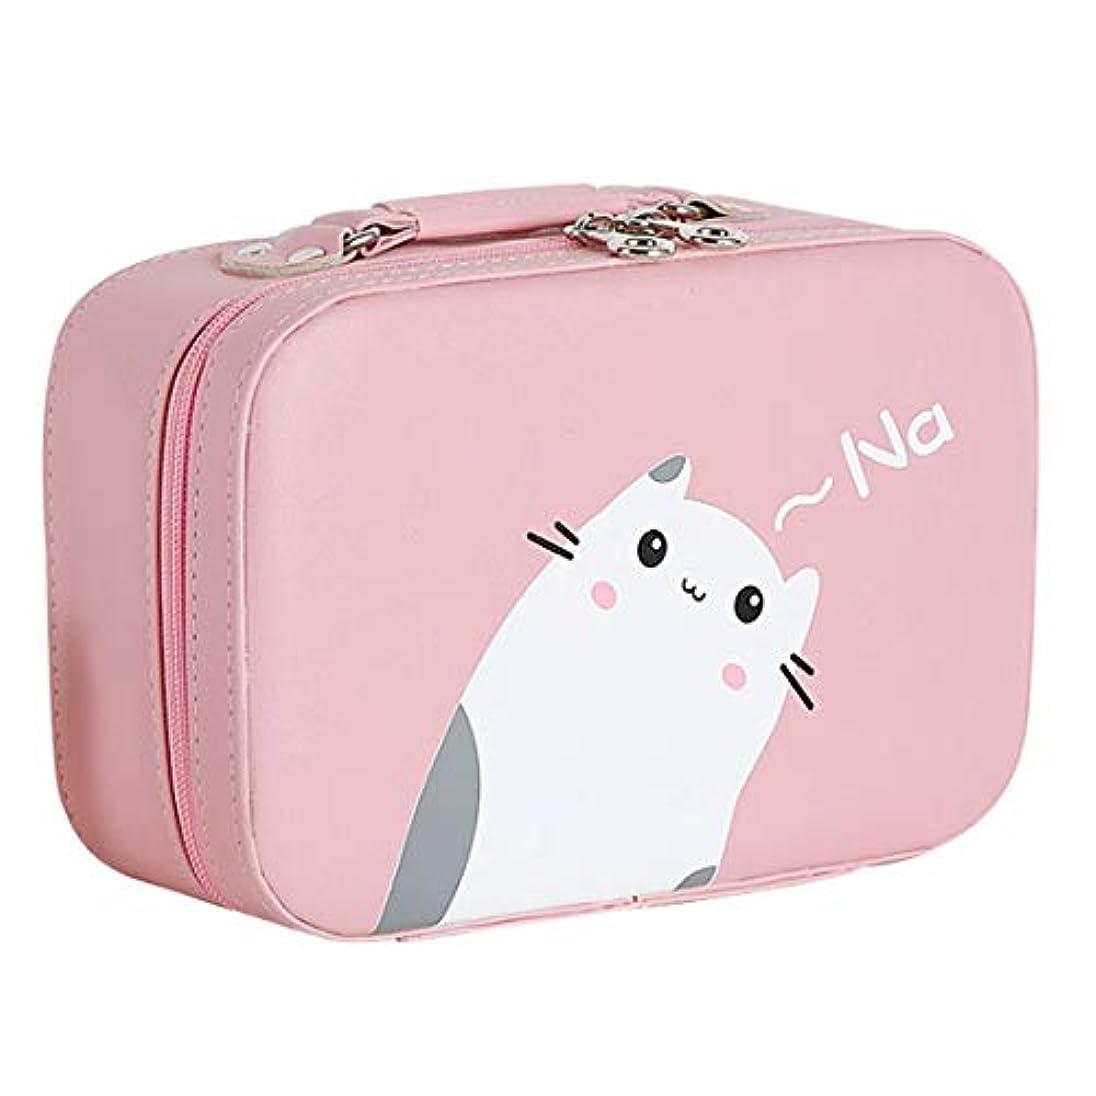 排他的億シャイニング[テンカ]メイクボックス コスメボックス 大容量 鏡付き おしゃれ かわいい 化粧品収納ボックス ブランド 人気 プロ 化粧ボックス 小物 猫柄 機能的 メイクポーチ 旅行 収納ケース ピンク